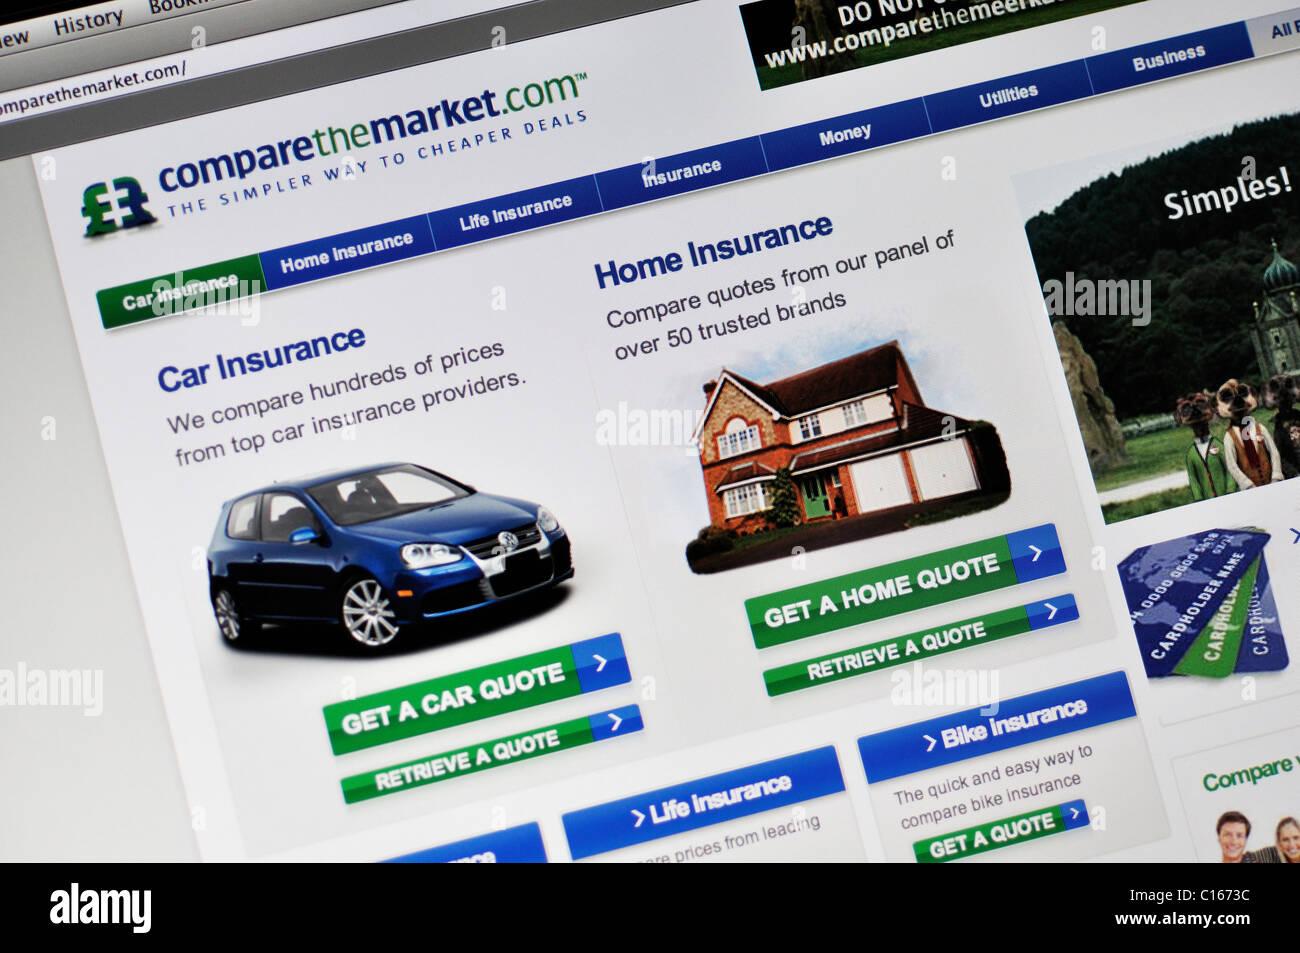 Sito web Comparethemarket - prodotti e servizi online di confronto Immagini Stock